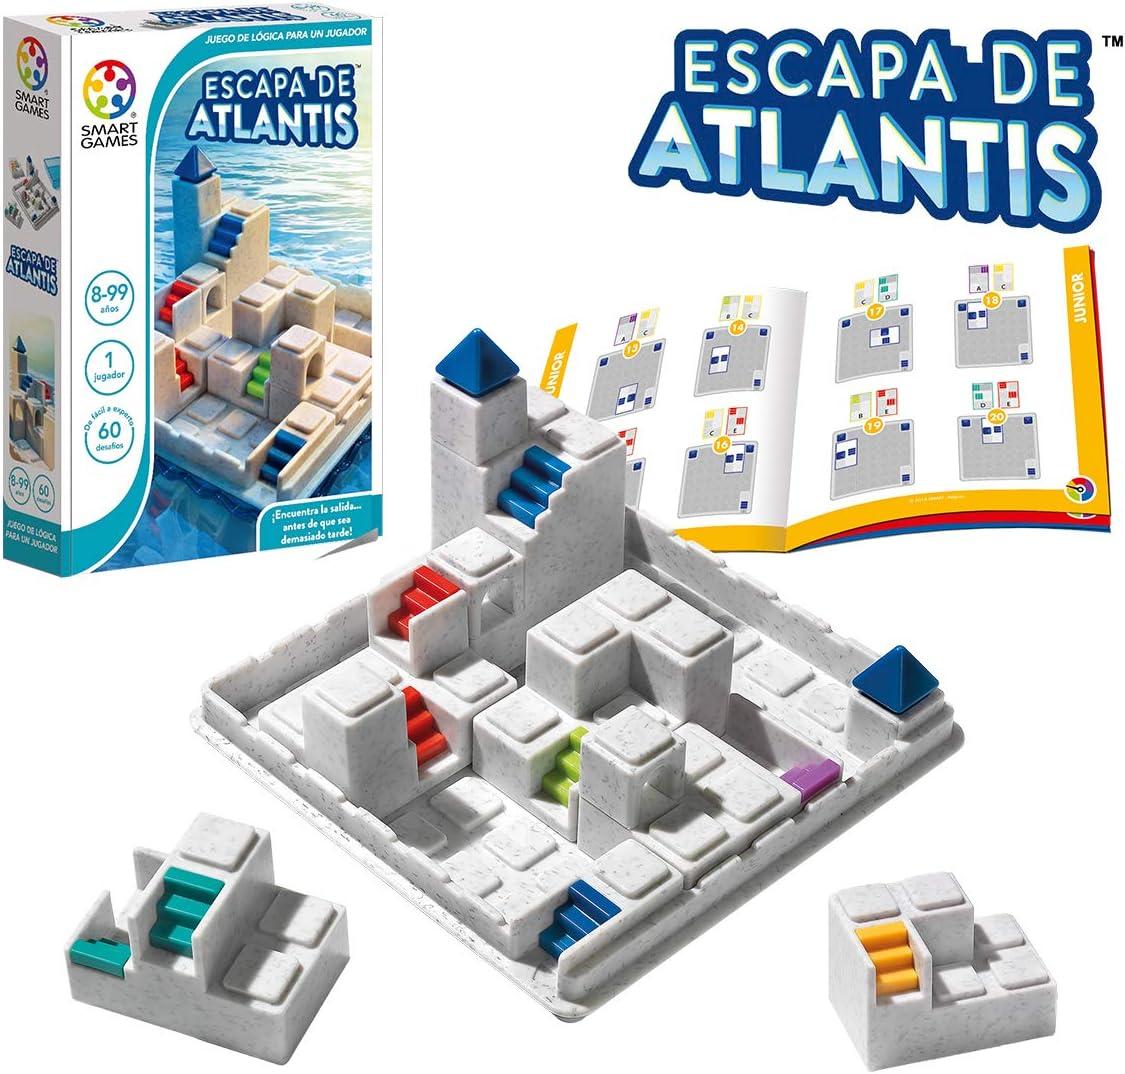 smart games- Escapa de Atlantis, Multicolor (Lúdilo SG442ES): Amazon.es: Juguetes y juegos